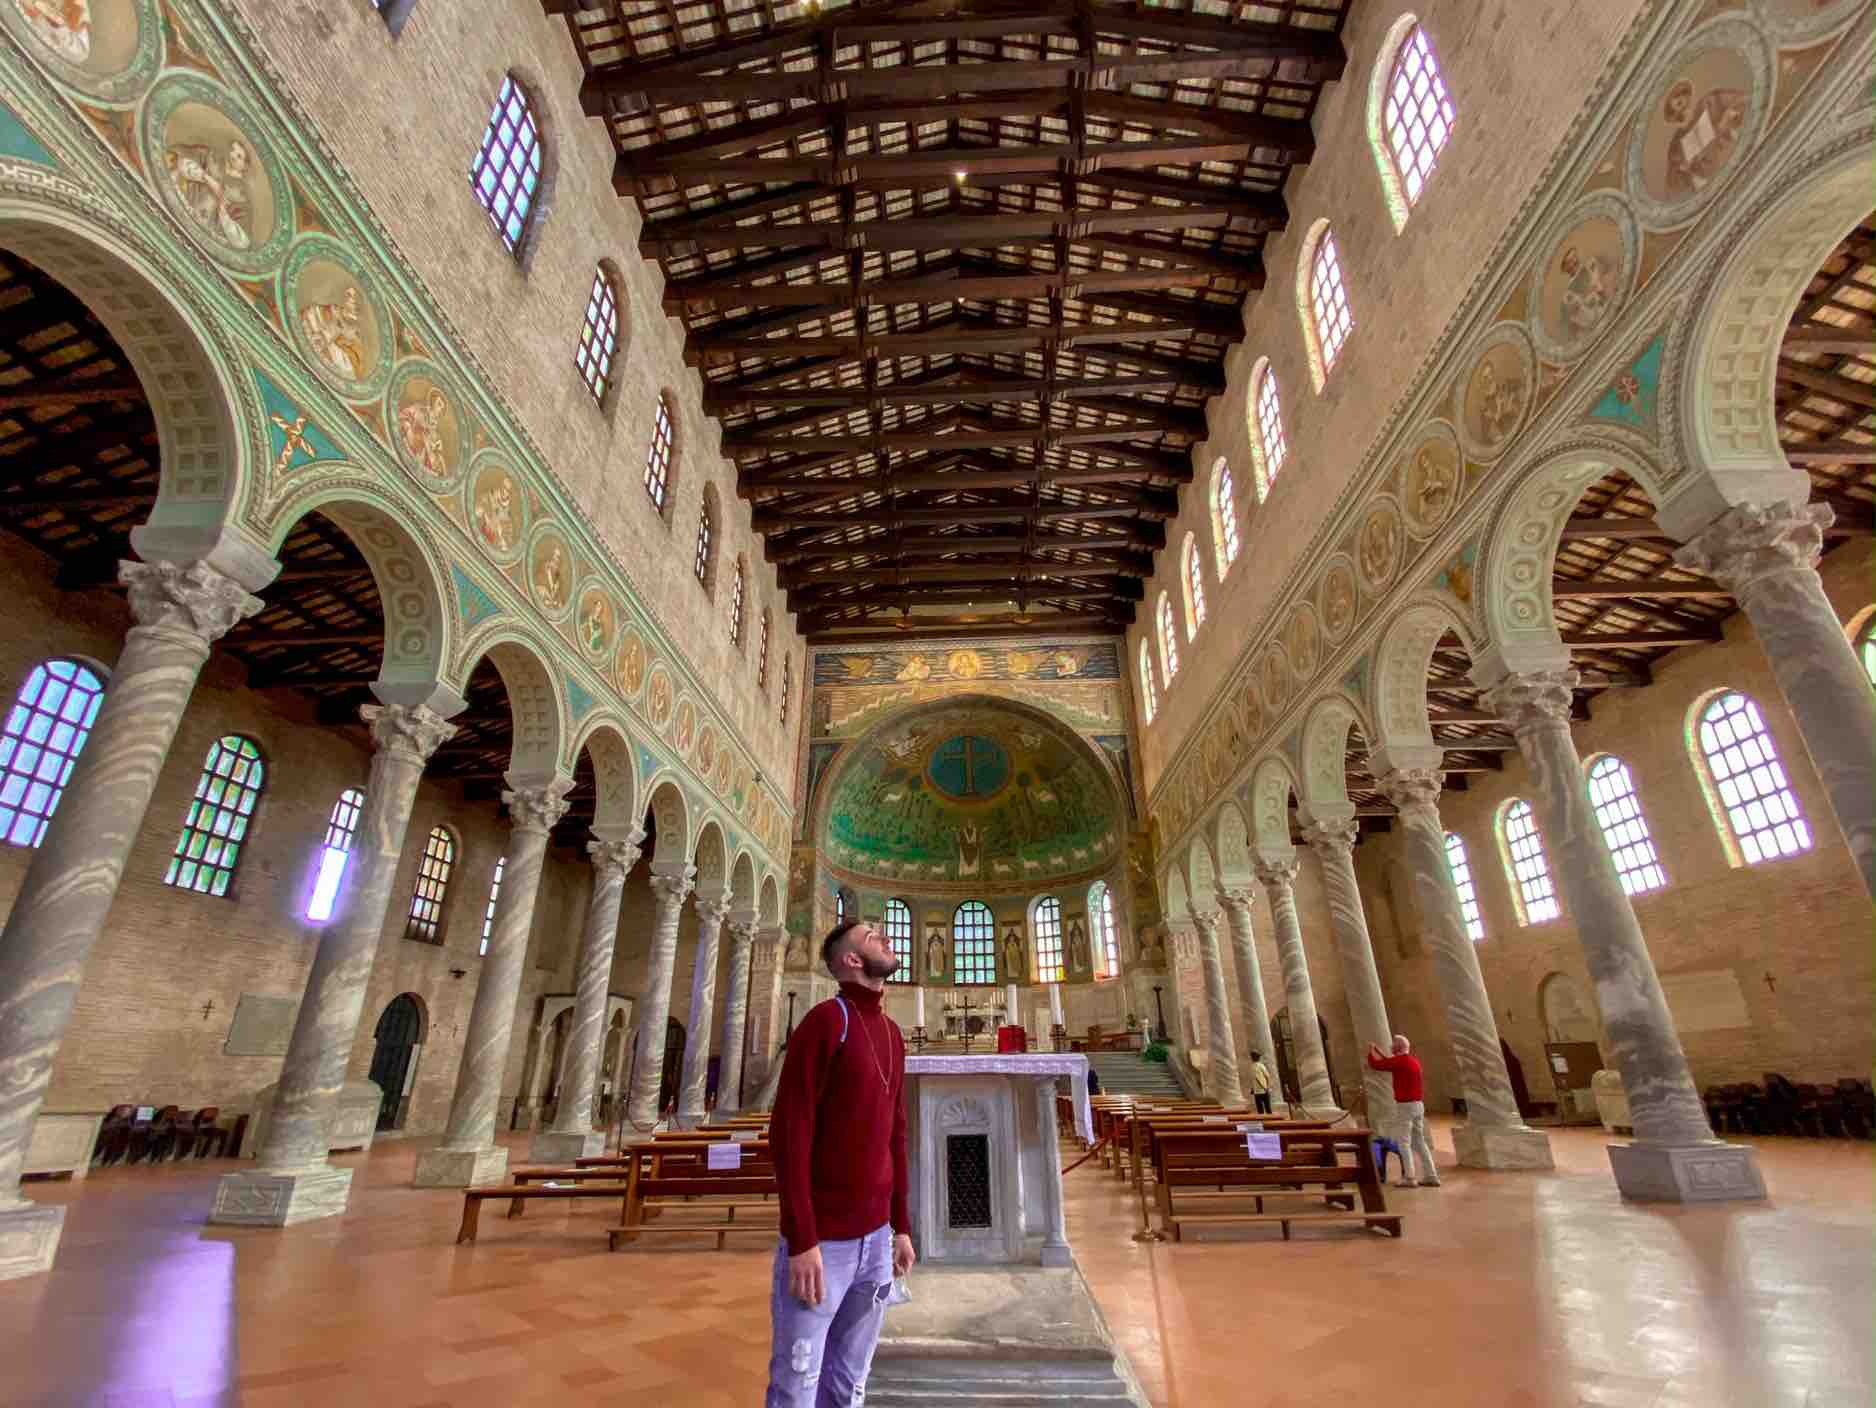 ragazzo ammira interno di sant'Apollinare in classe da vedere in due giorni a Ravenna